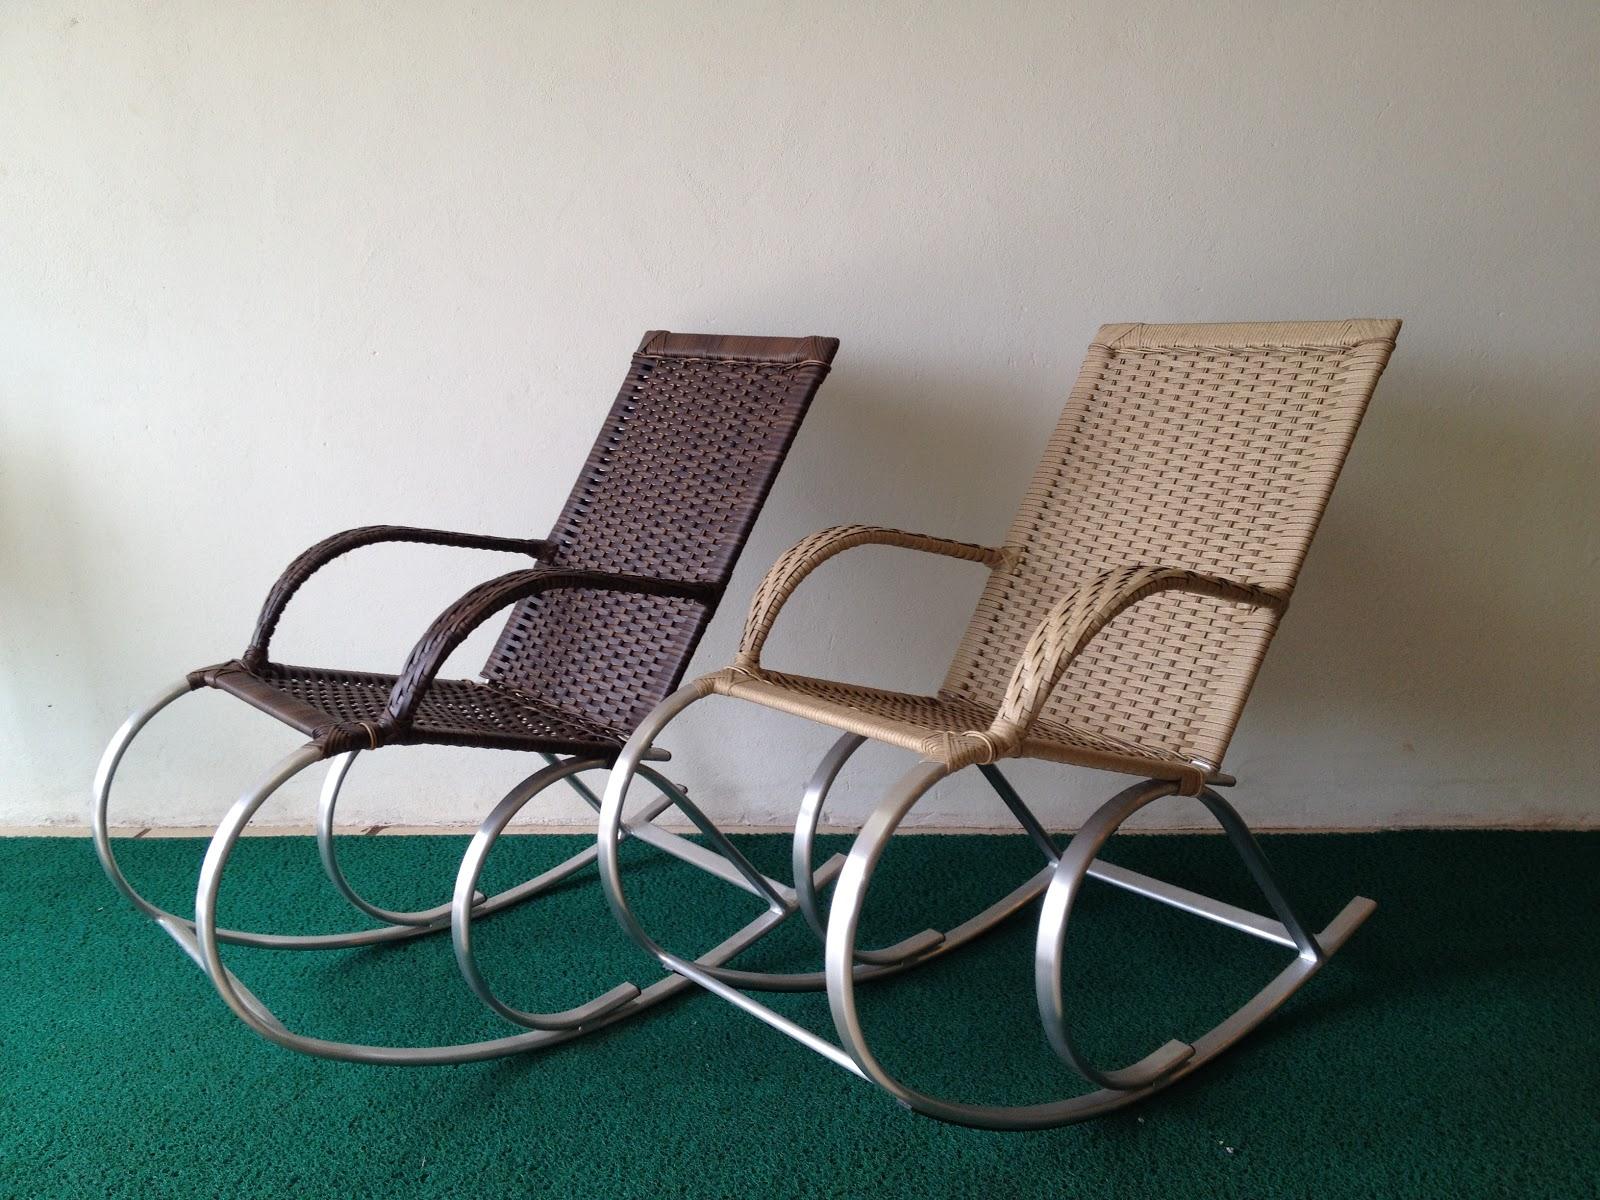 Cadeira de Balanço aluminio com fibra sintetica #145C50 1600x1200